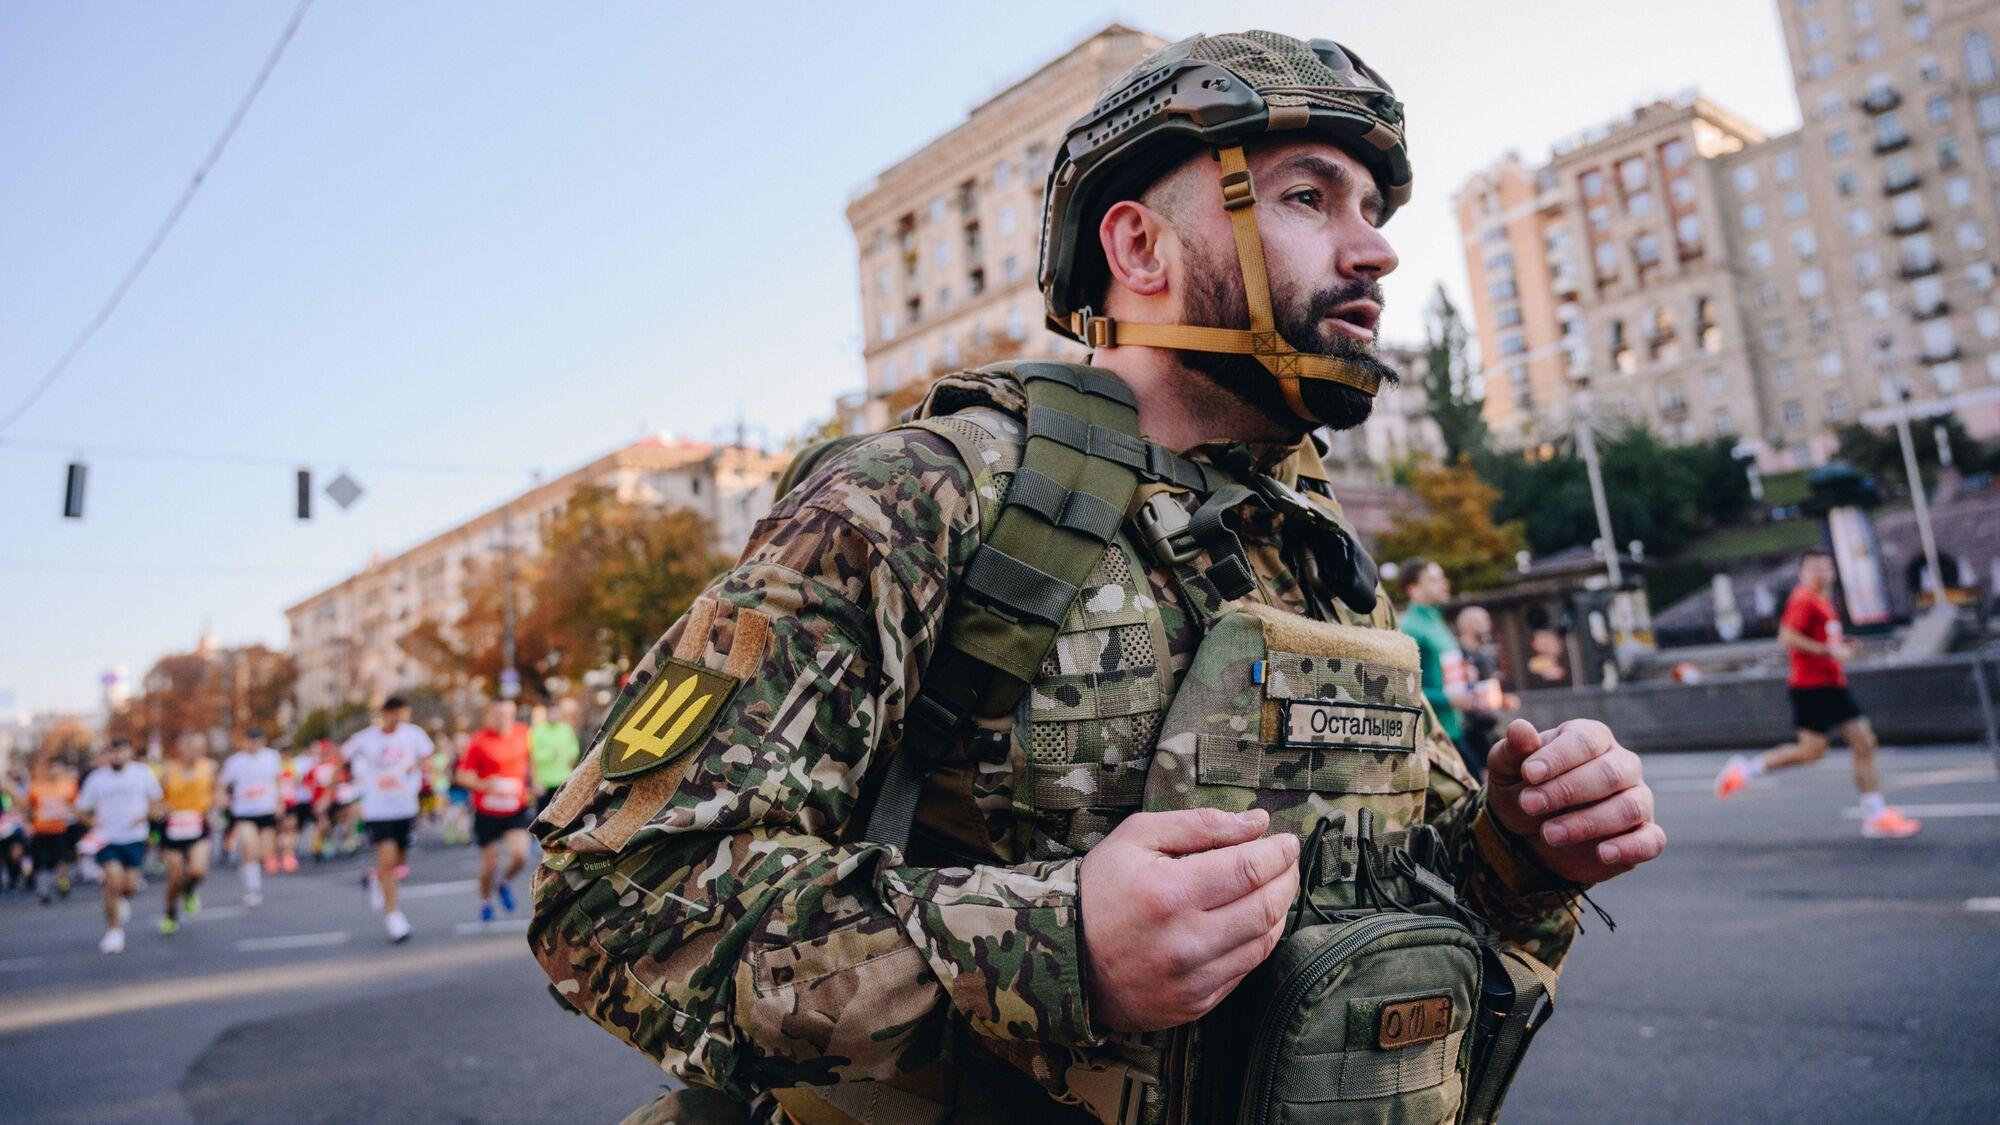 Остальцев присвятив забіг своєму загиблому другові Олексію Буслаєву